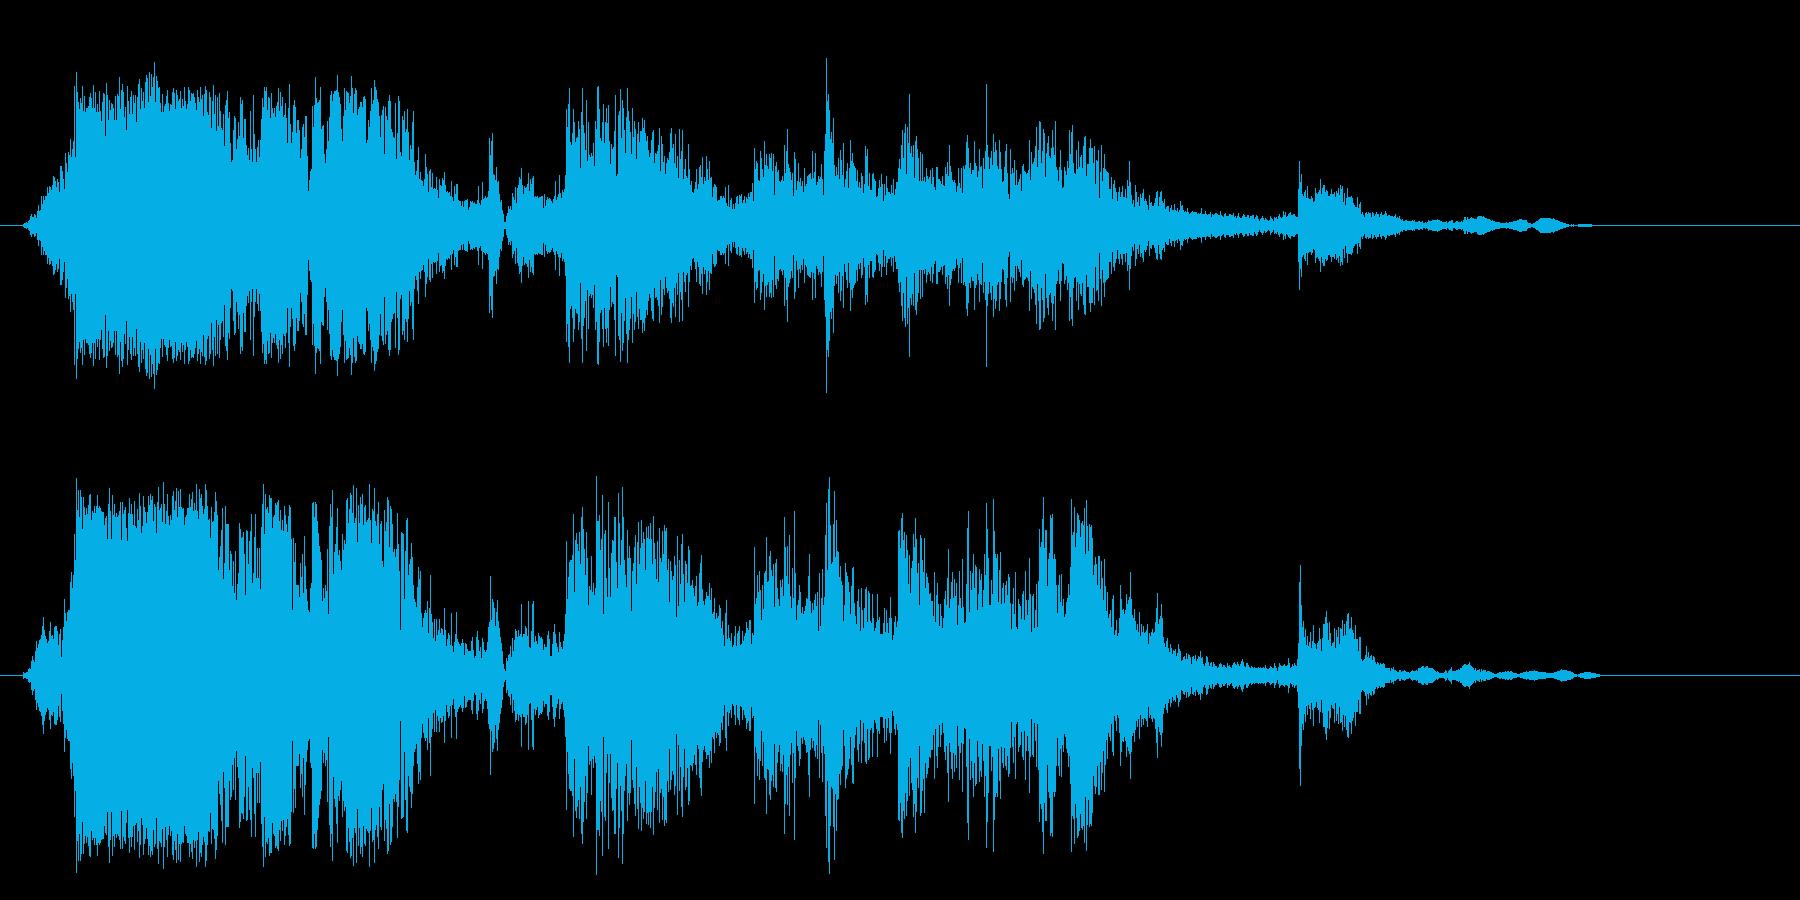 ガシャガシャ(金属音)の再生済みの波形